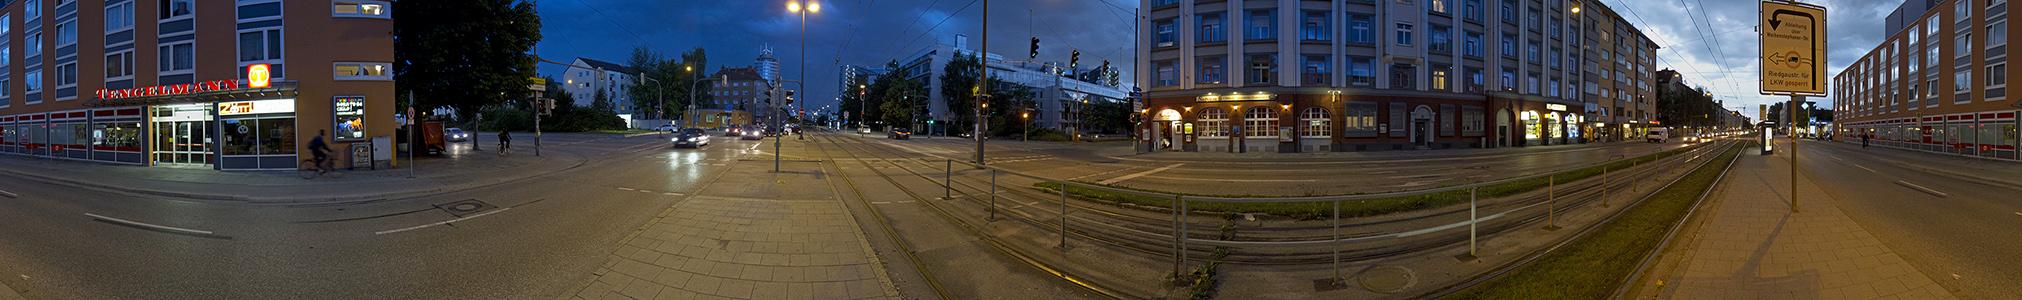 München Ampfing- / Berg-am-Laim-Straße: Gewitterstimmung Ampfingstraße